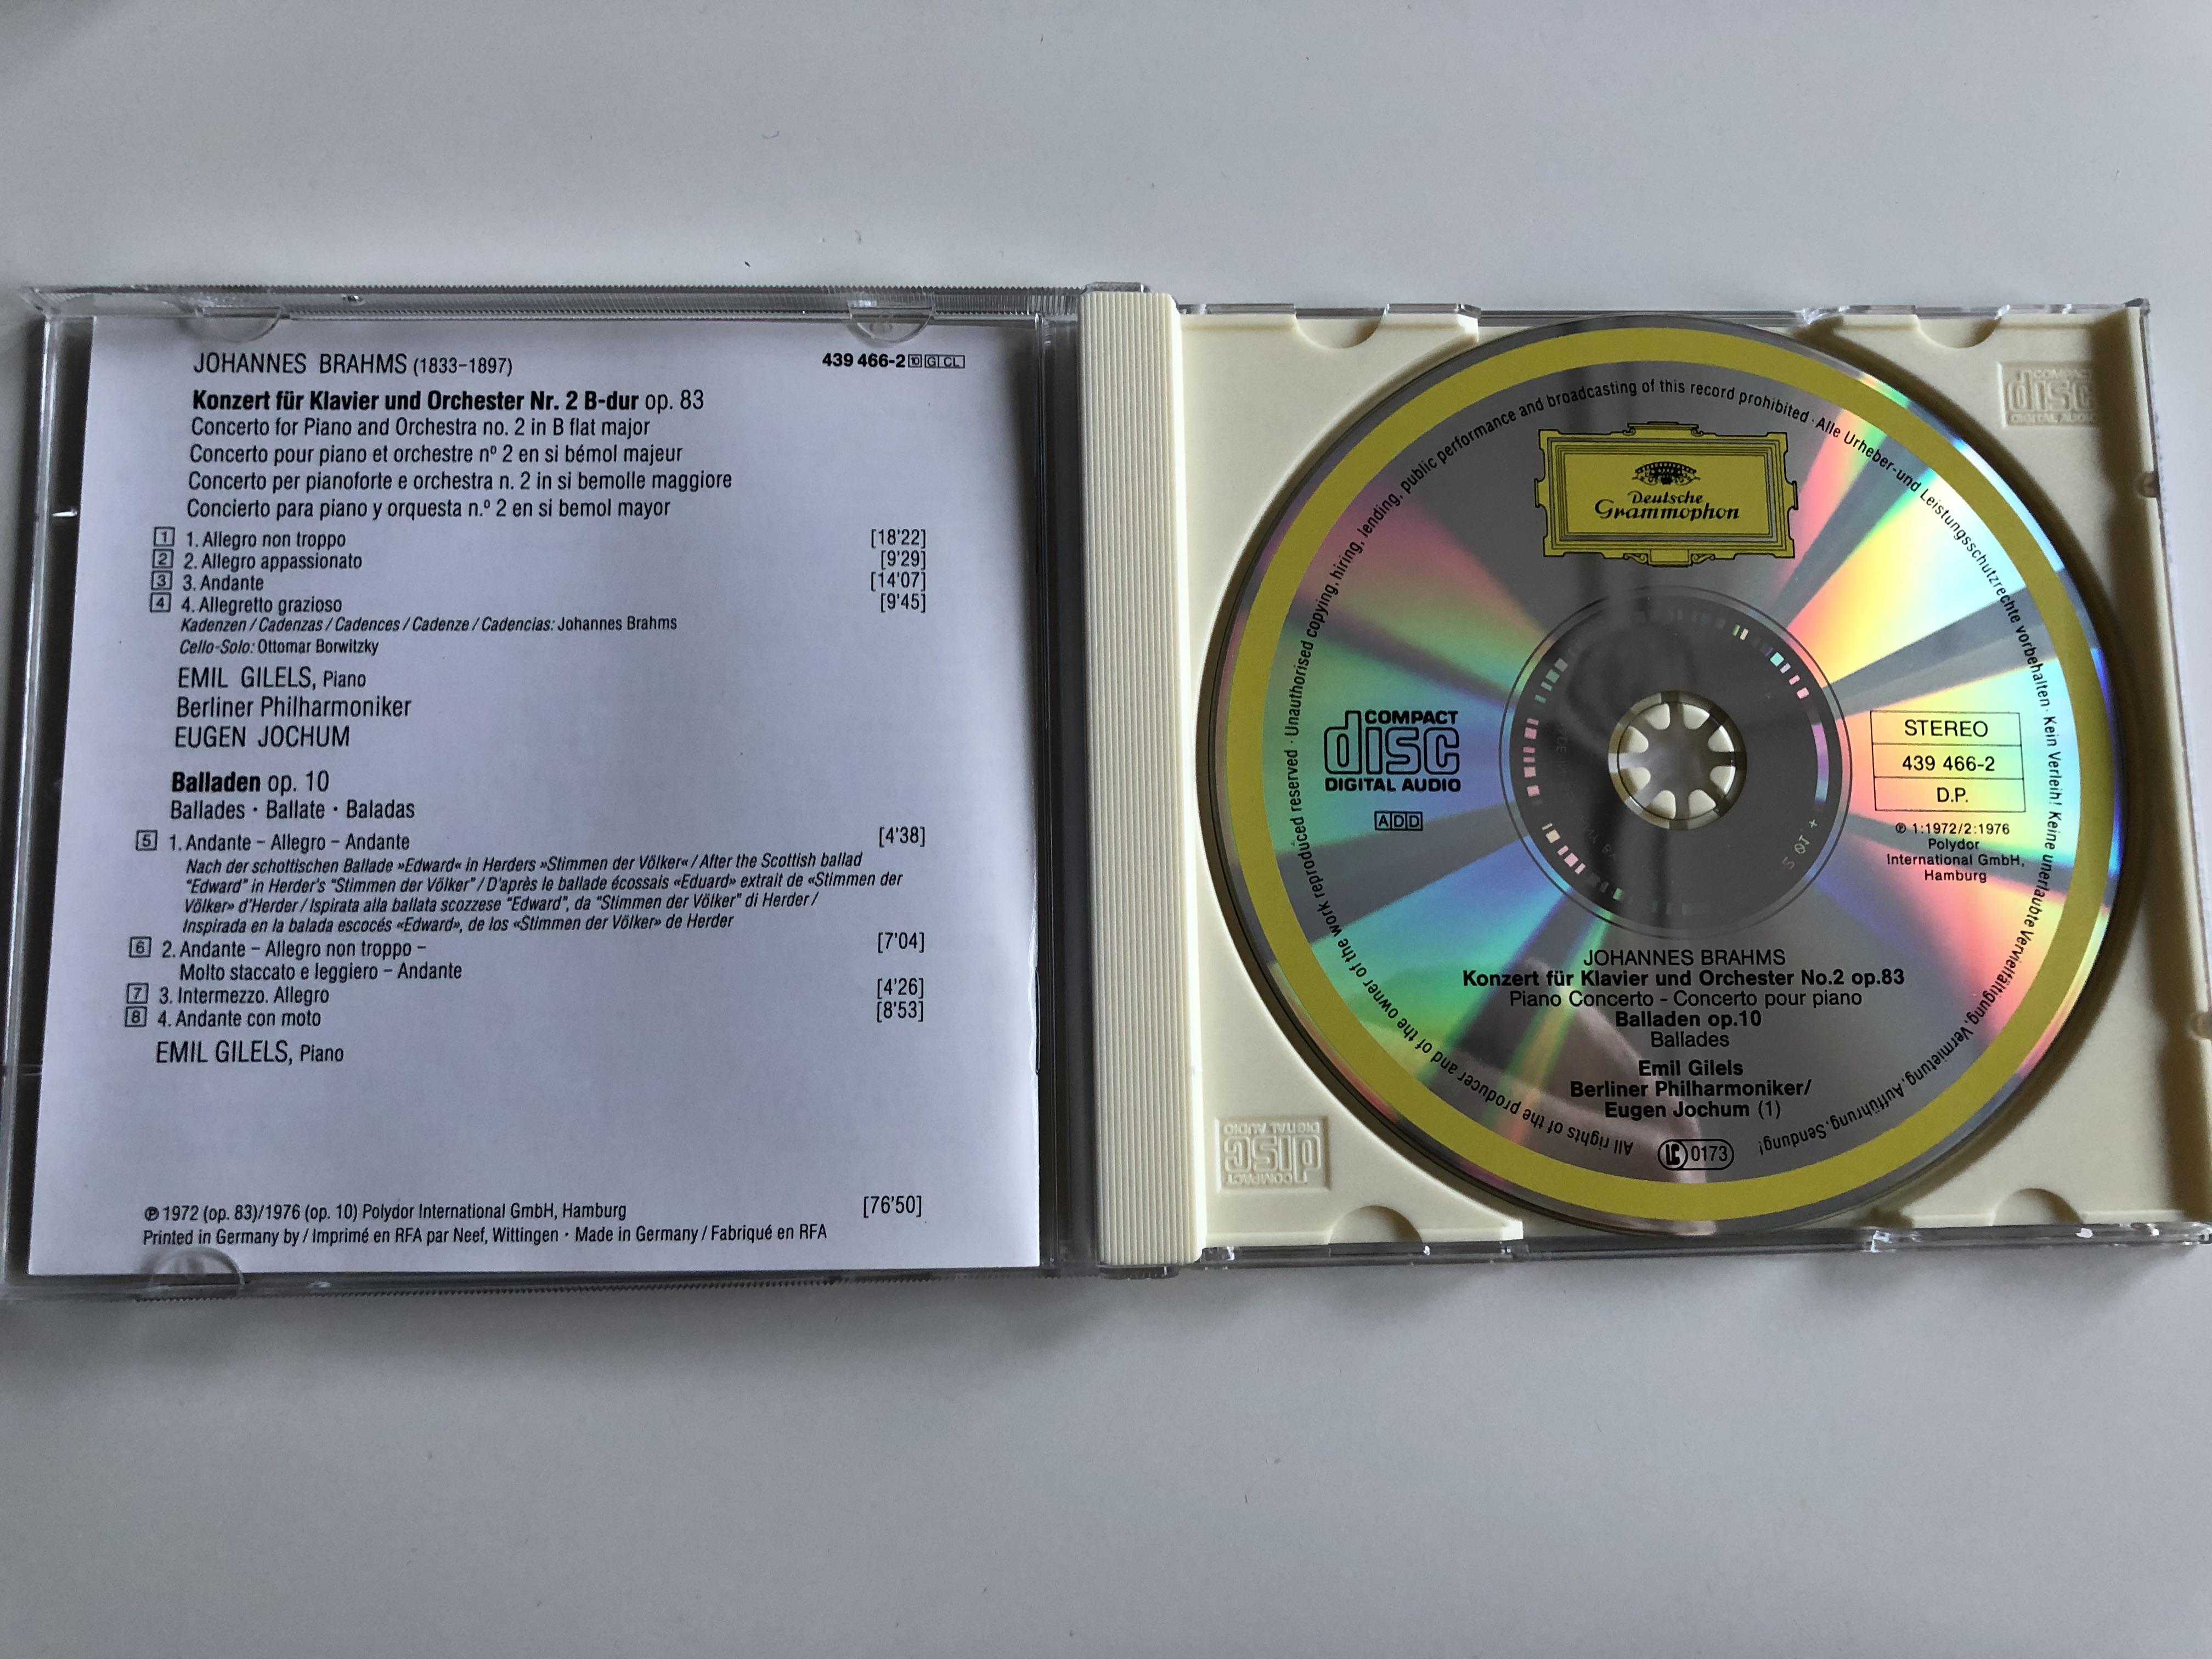 brahms-piano-concerto-no.2-ballades-op.10-emil-gilels-berliner-philharmoniker-eugen-jochum-deutsche-grammophon-audio-cd-stereo-439-466-2-7-.jpg